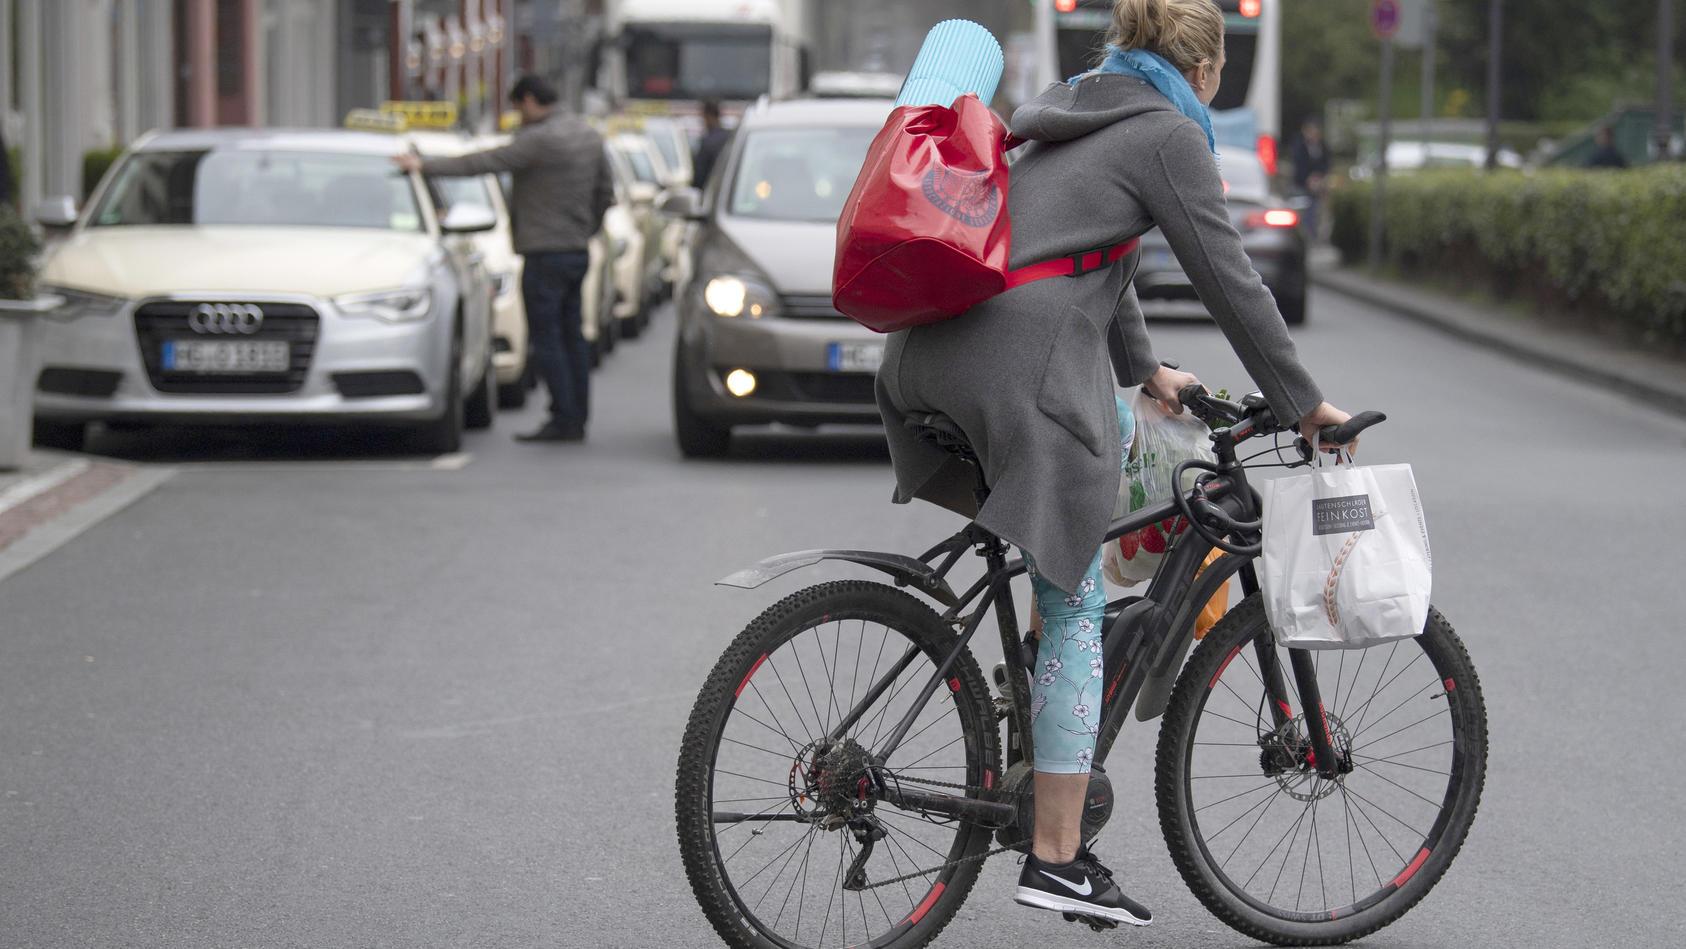 Radfahrer sollen in Zukunft besser geschützt werden.